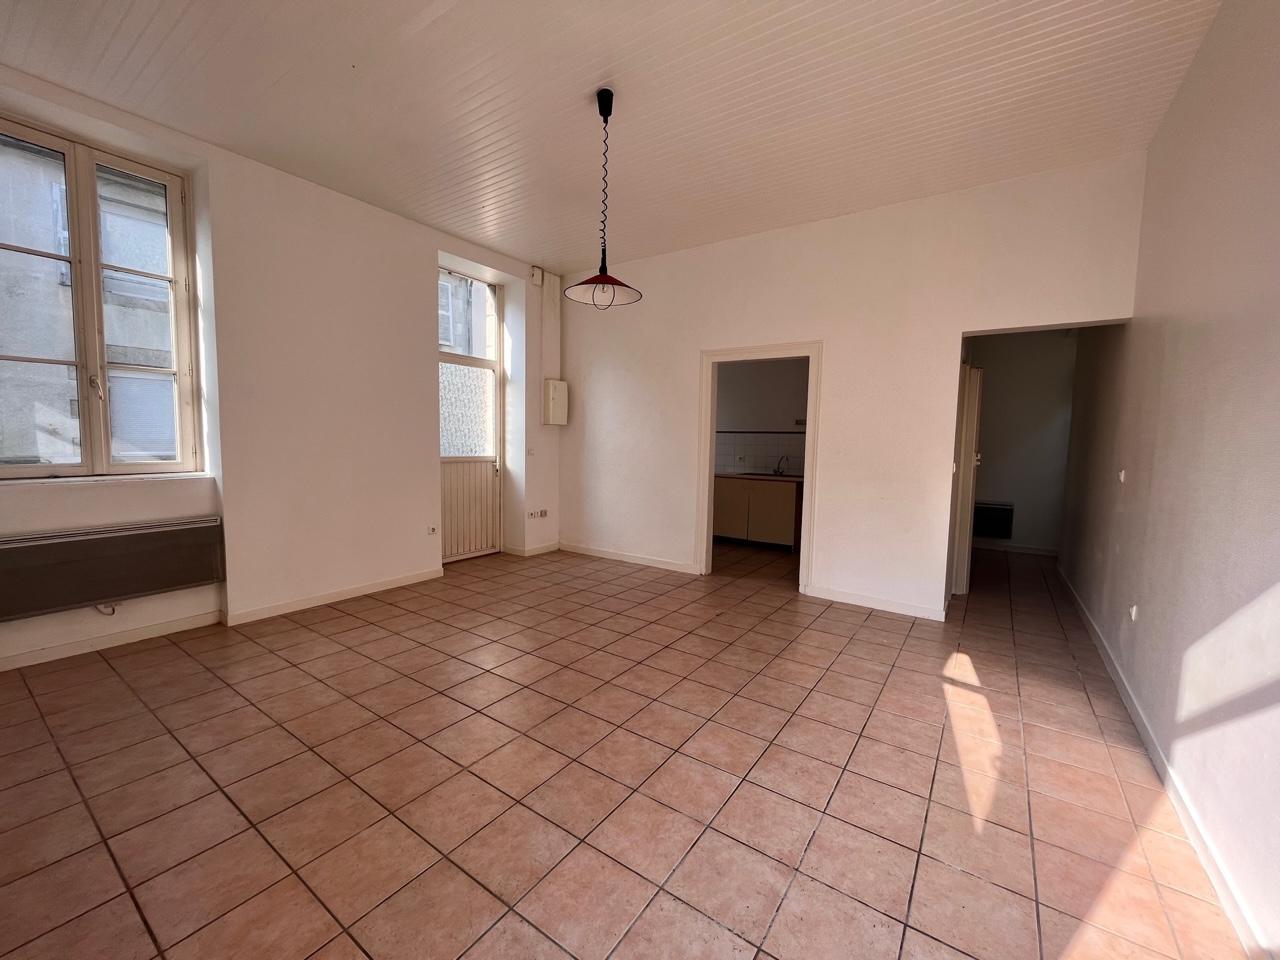 A Louer Pontivy Bretagne Morbihan Centre ville Maison plain pied 1 ch. 50 m²